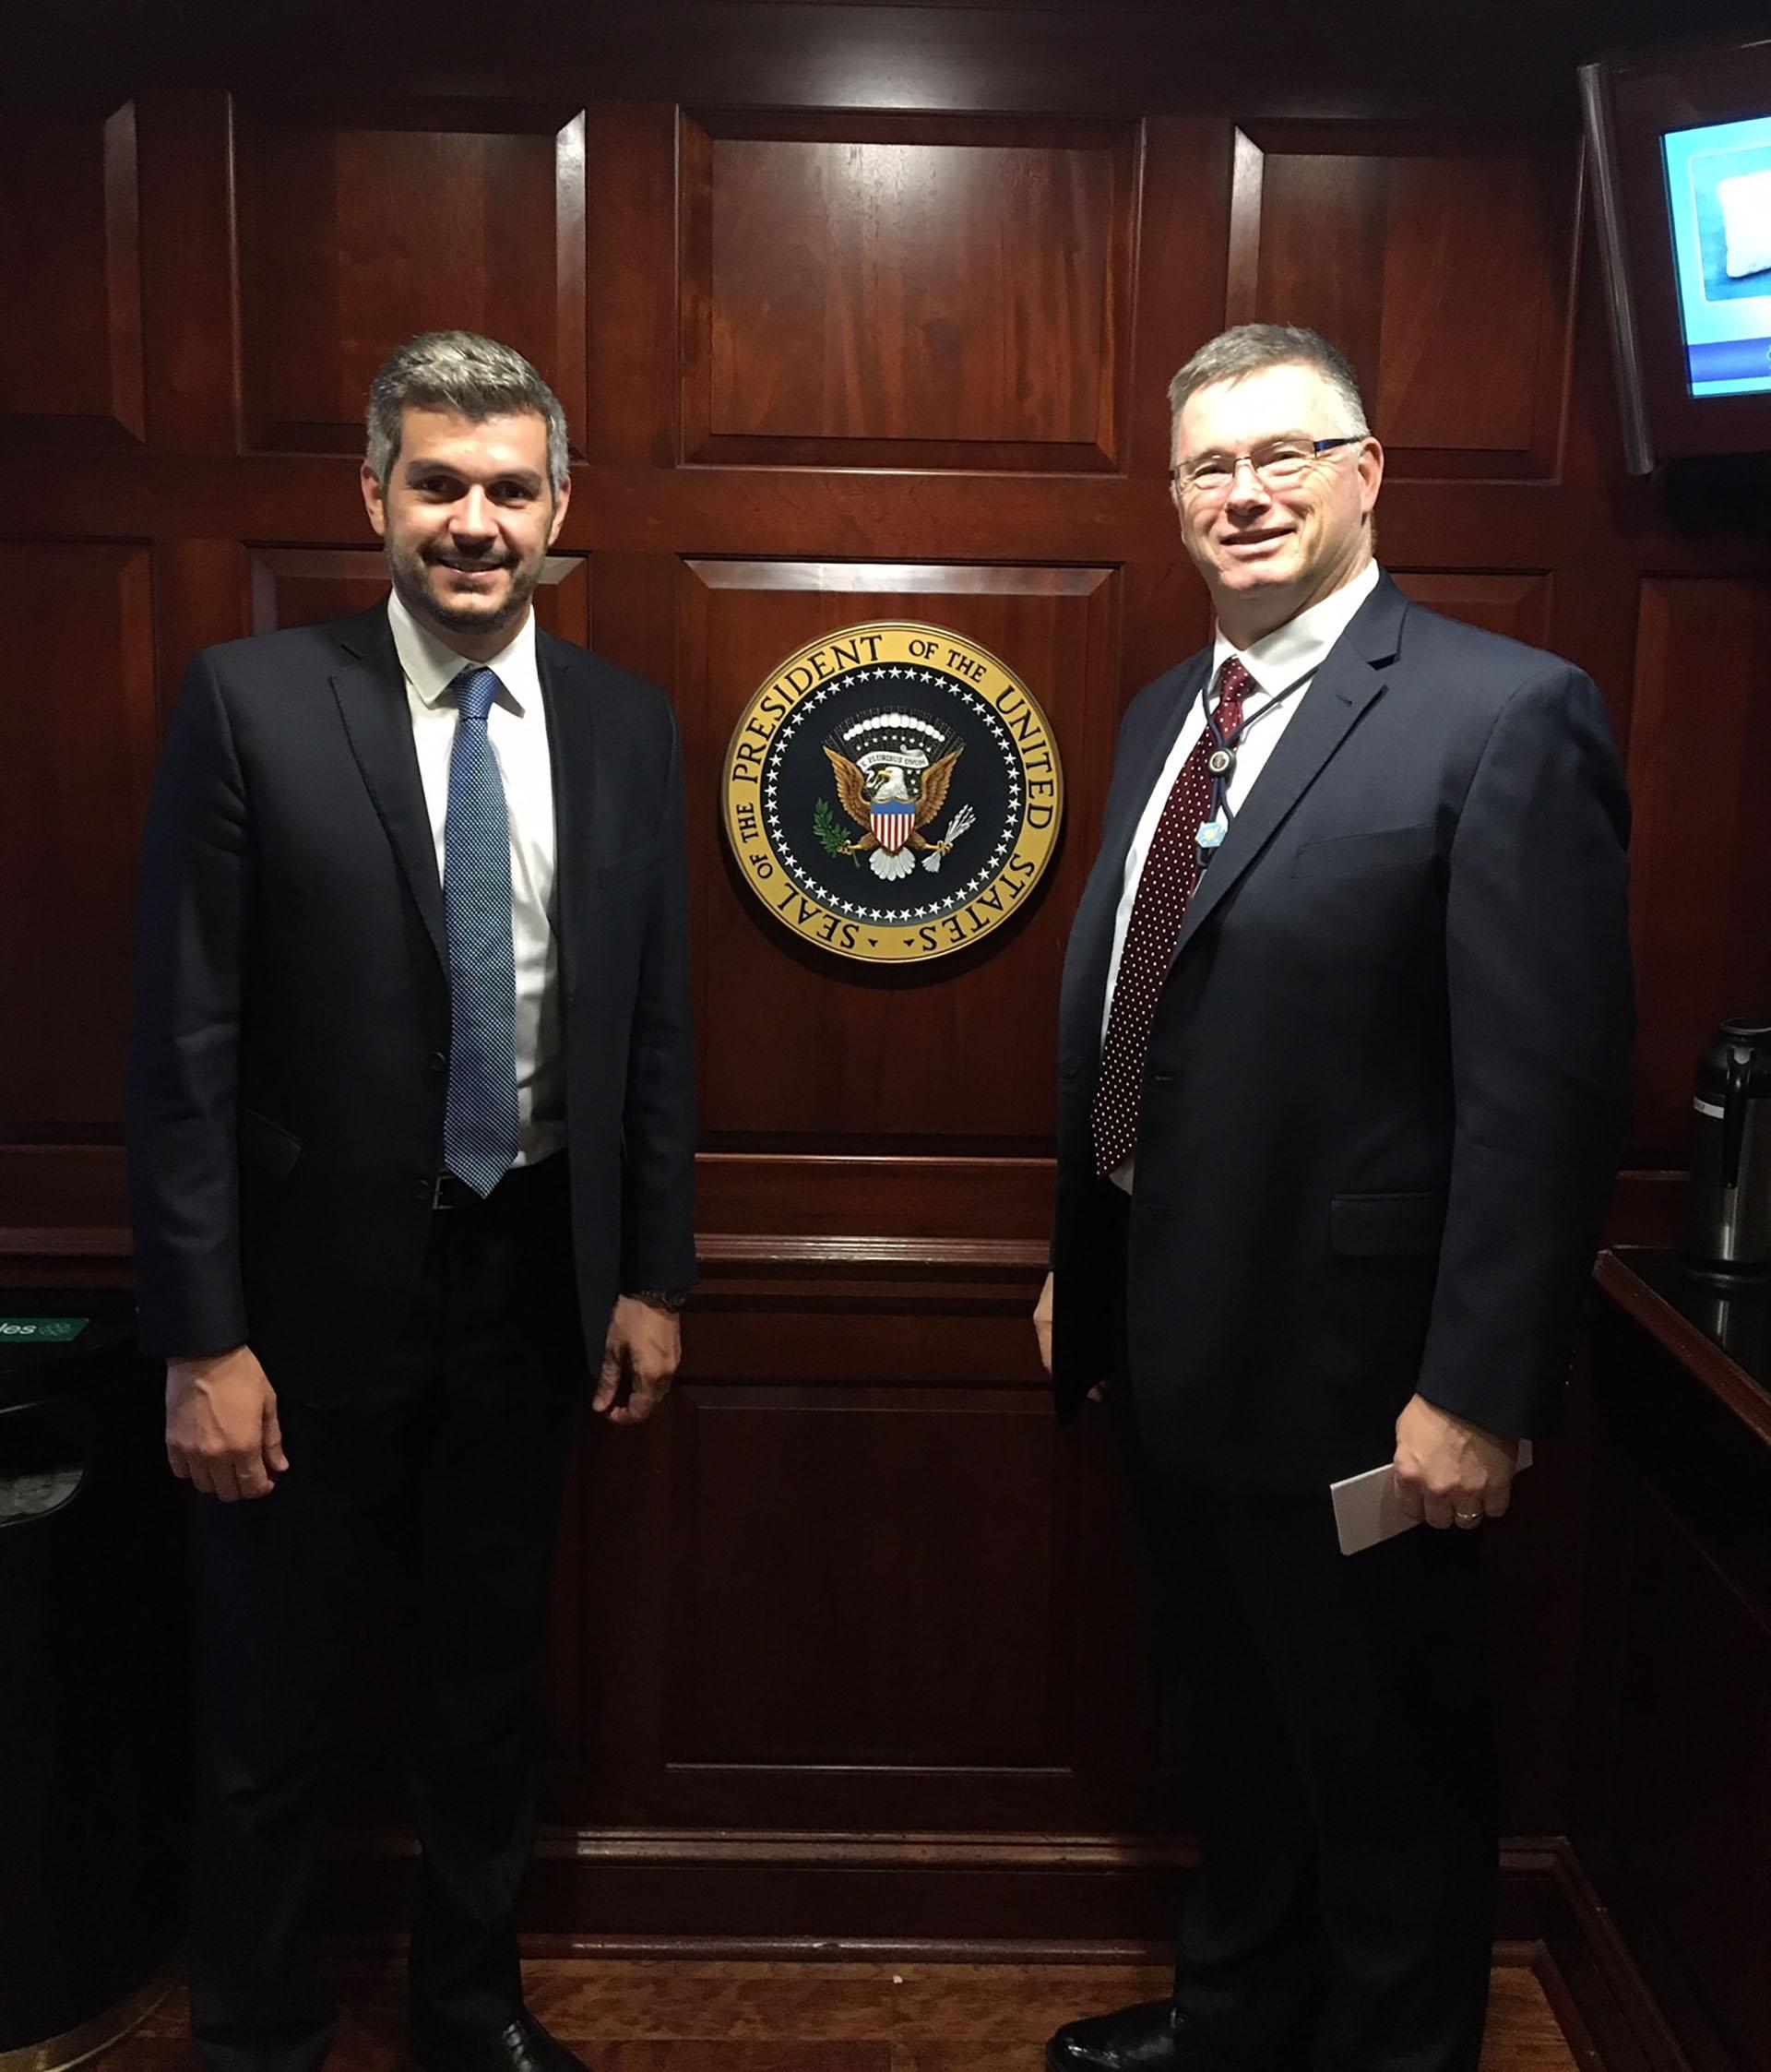 El jefe de Gabinete argentino Marcos Peña junto al consejero de Seguridad de la Casa Blanca Ricky Waddell